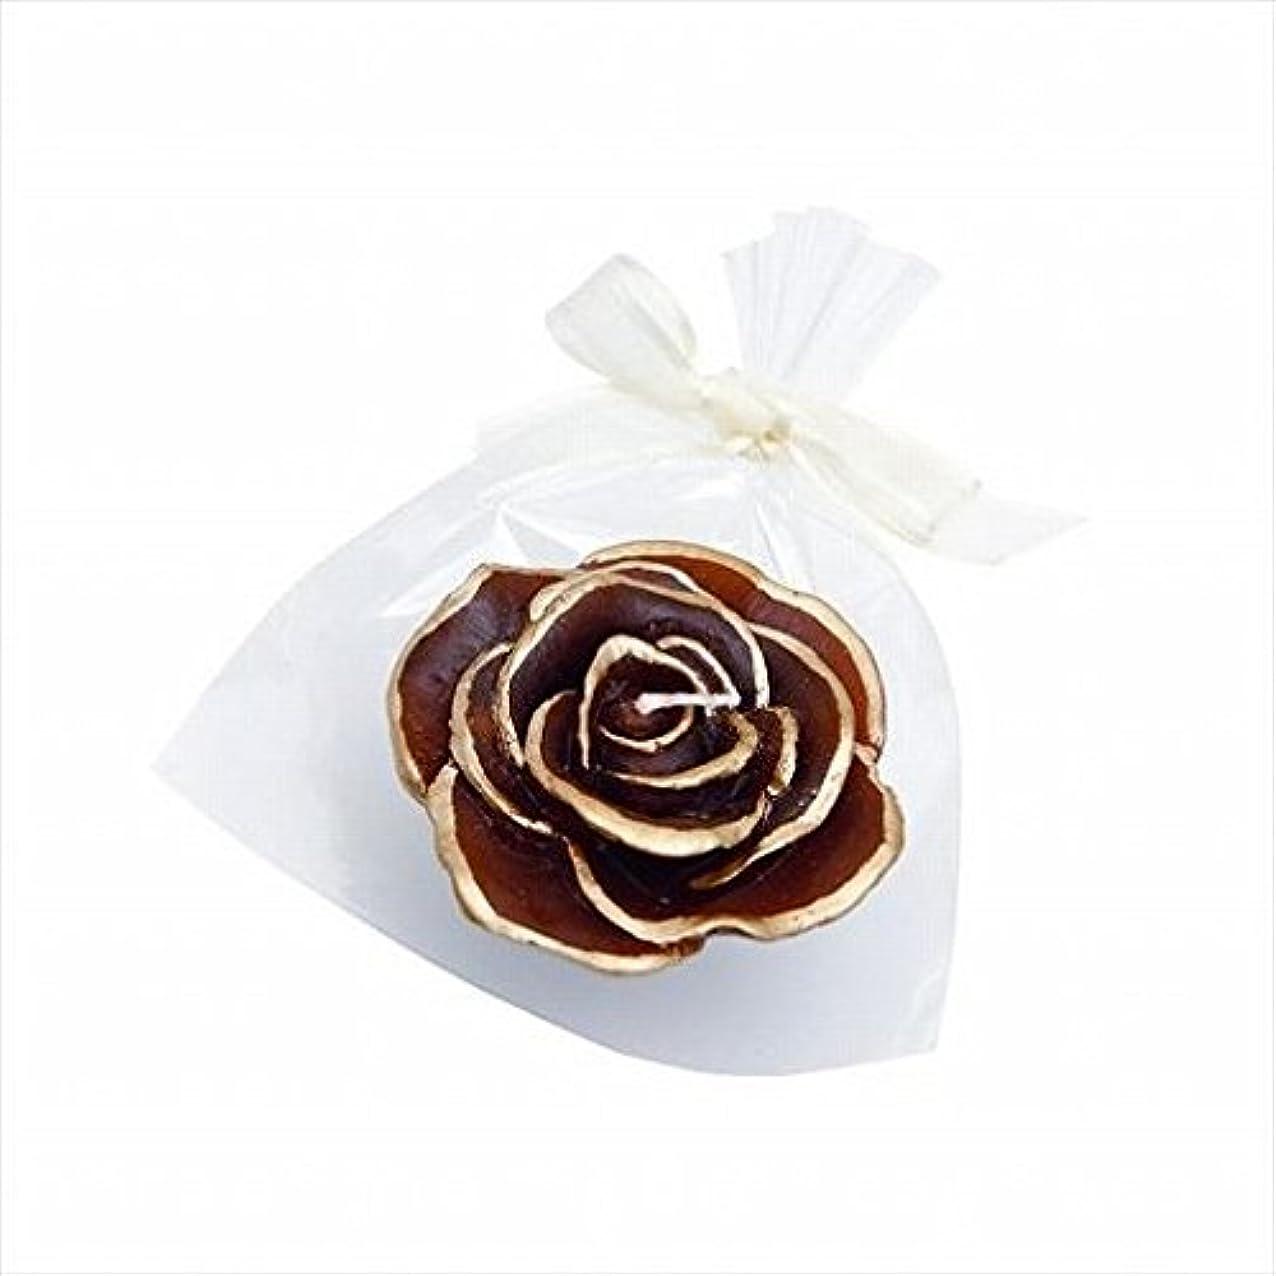 気を散らす補体ギャロップkameyama candle(カメヤマキャンドル) プリンセスローズ 「 チョコレート 」(A6390500CH)